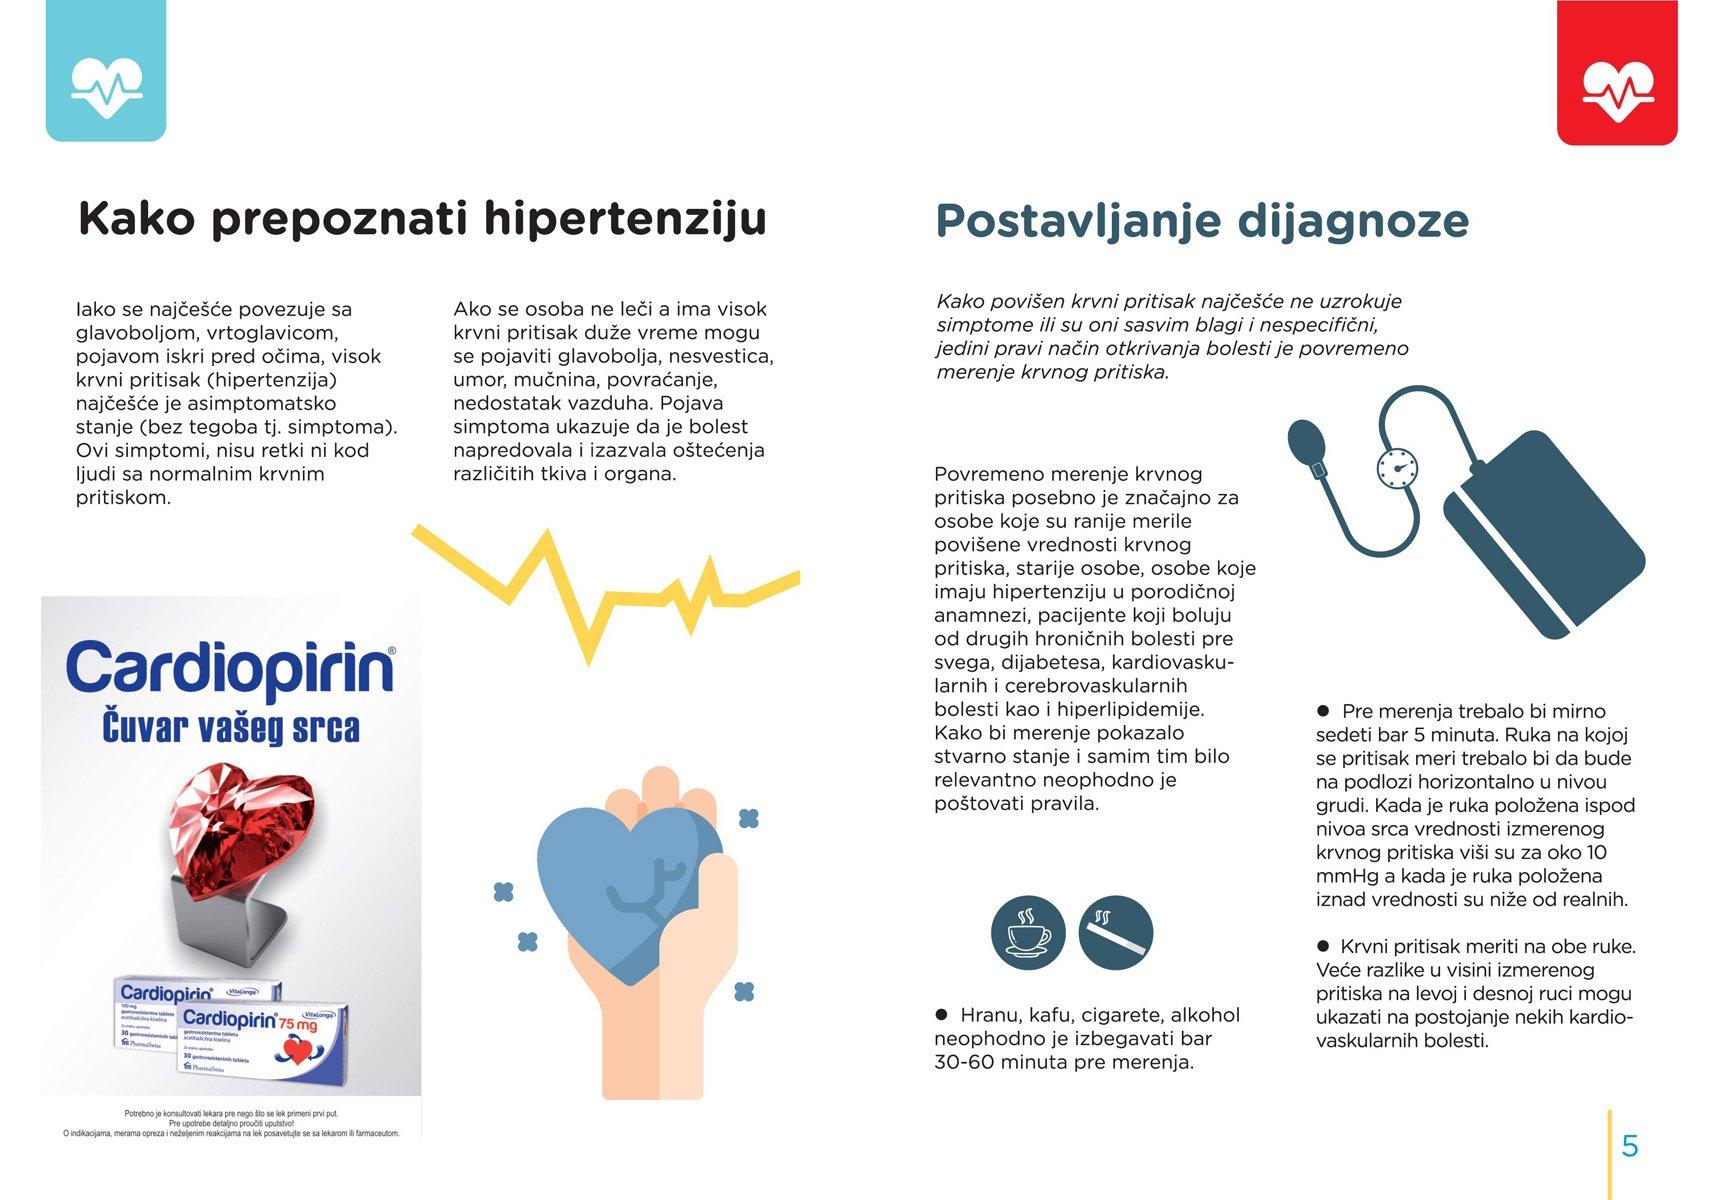 hoće li invaliditet 3. stupnja hipertenzije